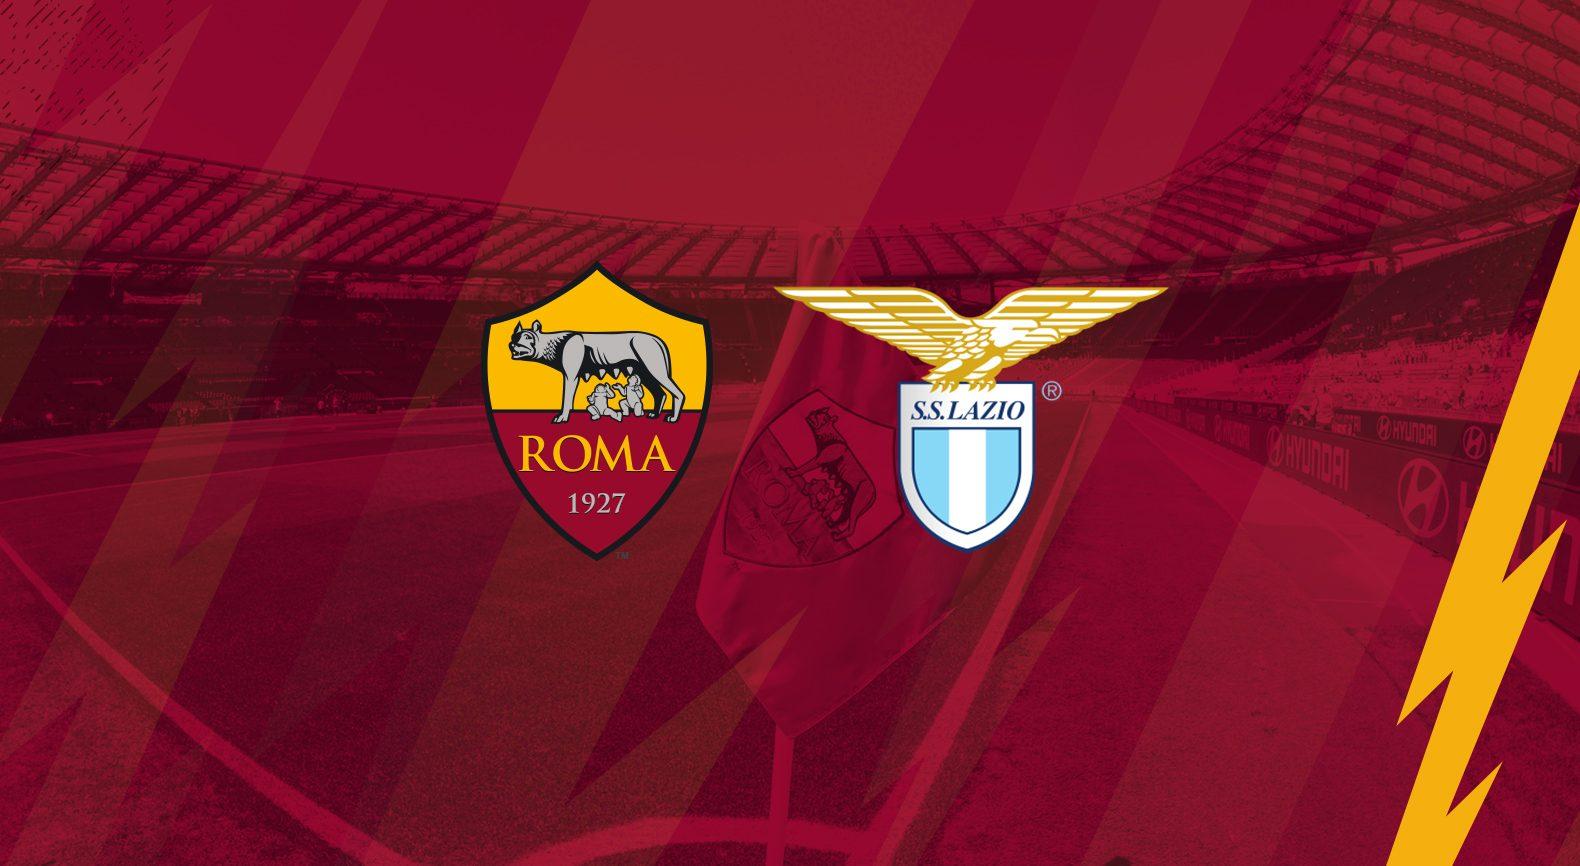 Pronostico Roma-Lazio, schedina Serie A del 26 gennaio 2020